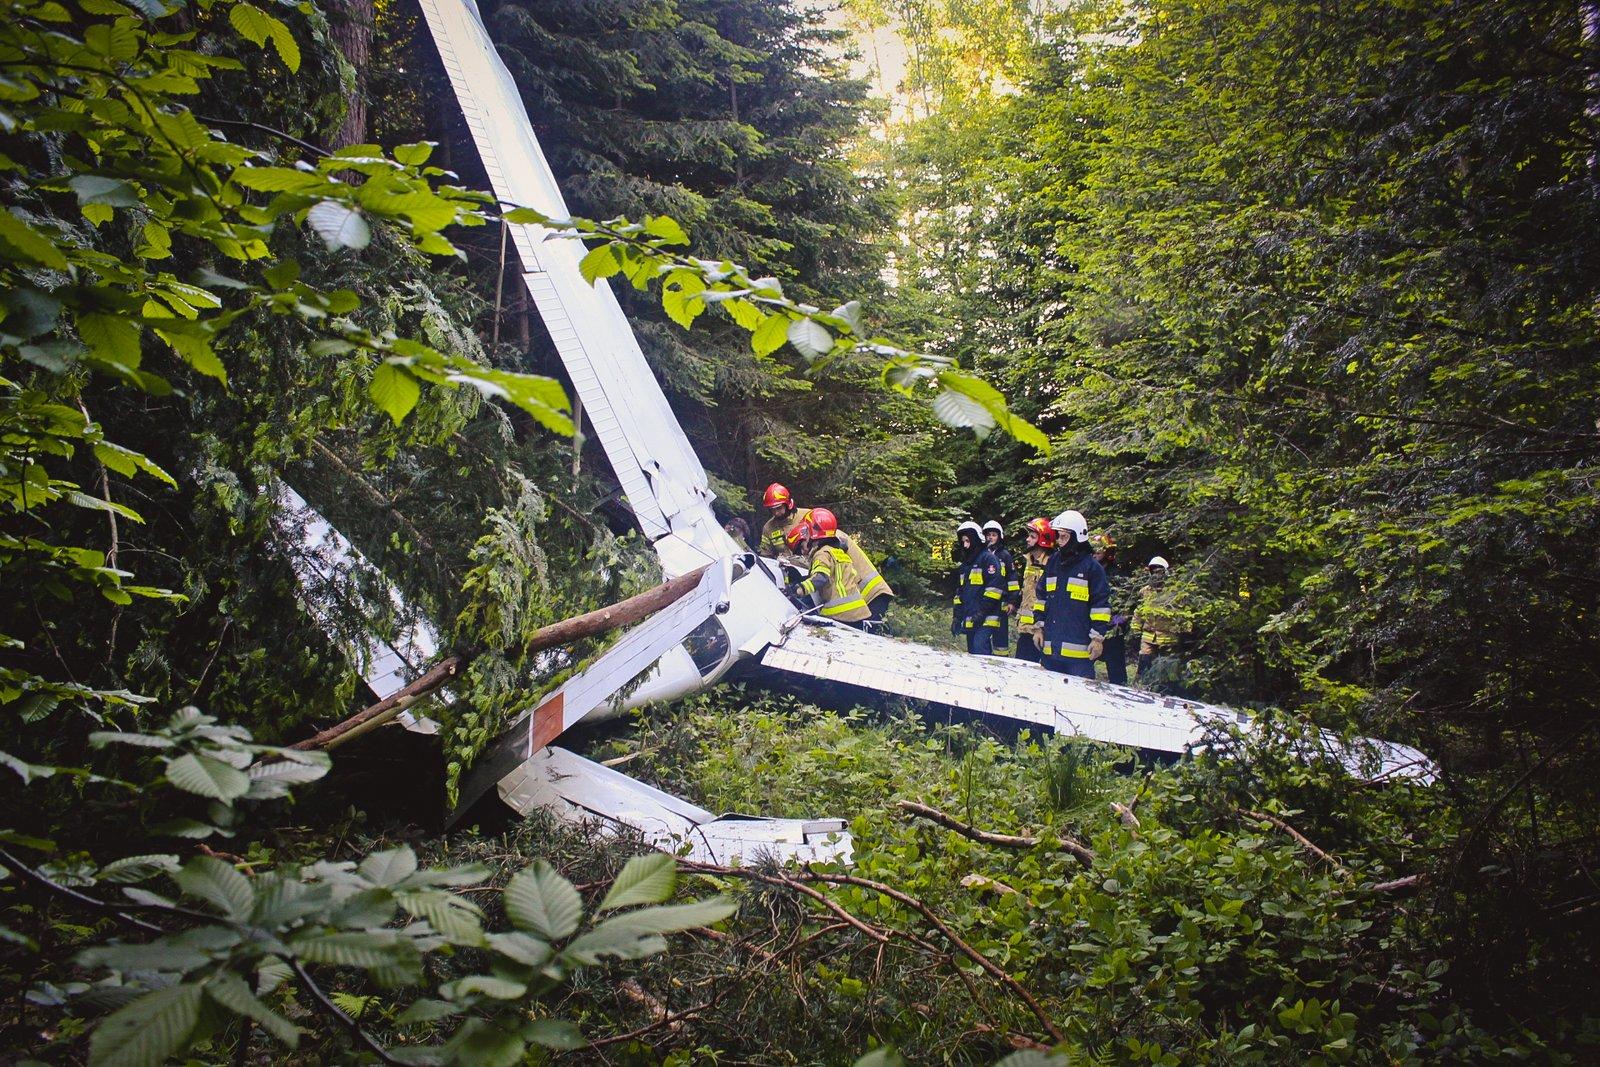 Awionetka runęła na ziemię! Lot szkoleniowy zakończony wypadkiem [AKTUALIZACJA, ZDJĘCIA] - Zdjęcie główne